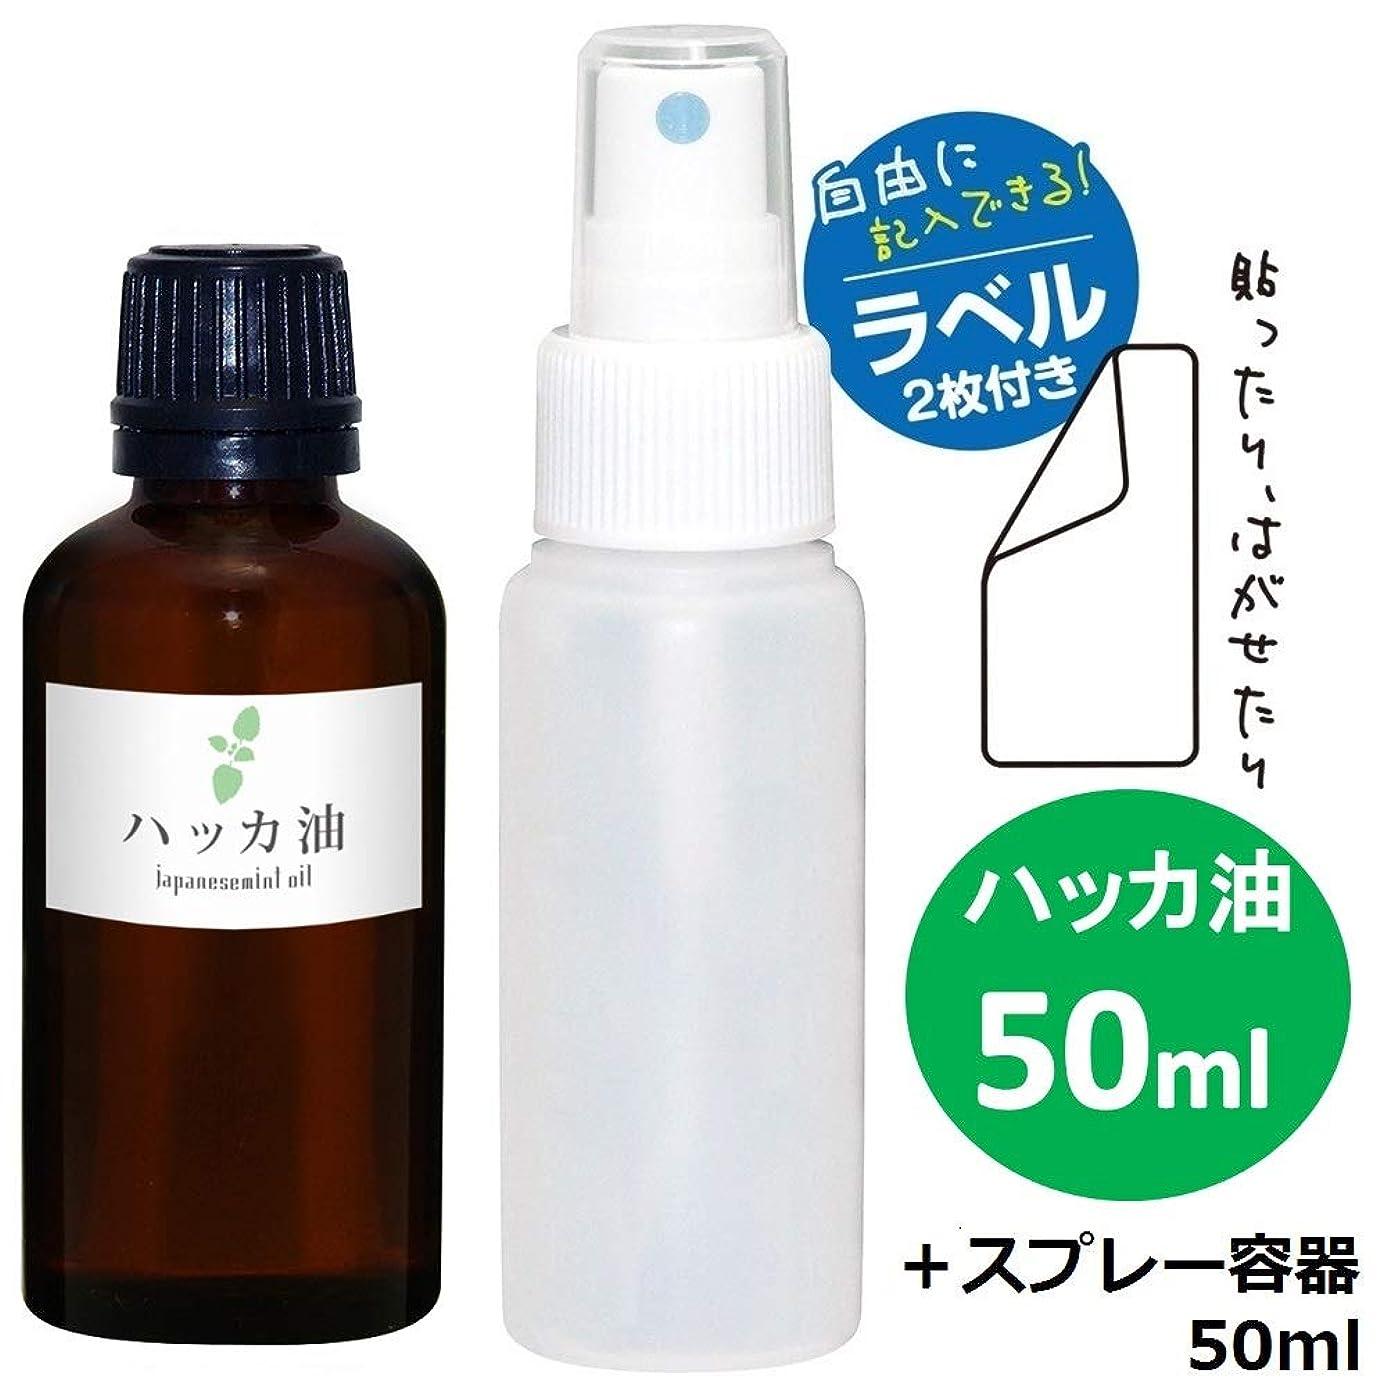 ワイドのため膨張するガレージ?ゼロ ハッカ油 50ml(GZAK15)+50mlPEスプレーボトル/和種薄荷/ジャパニーズミント/ペパーミント GSE530